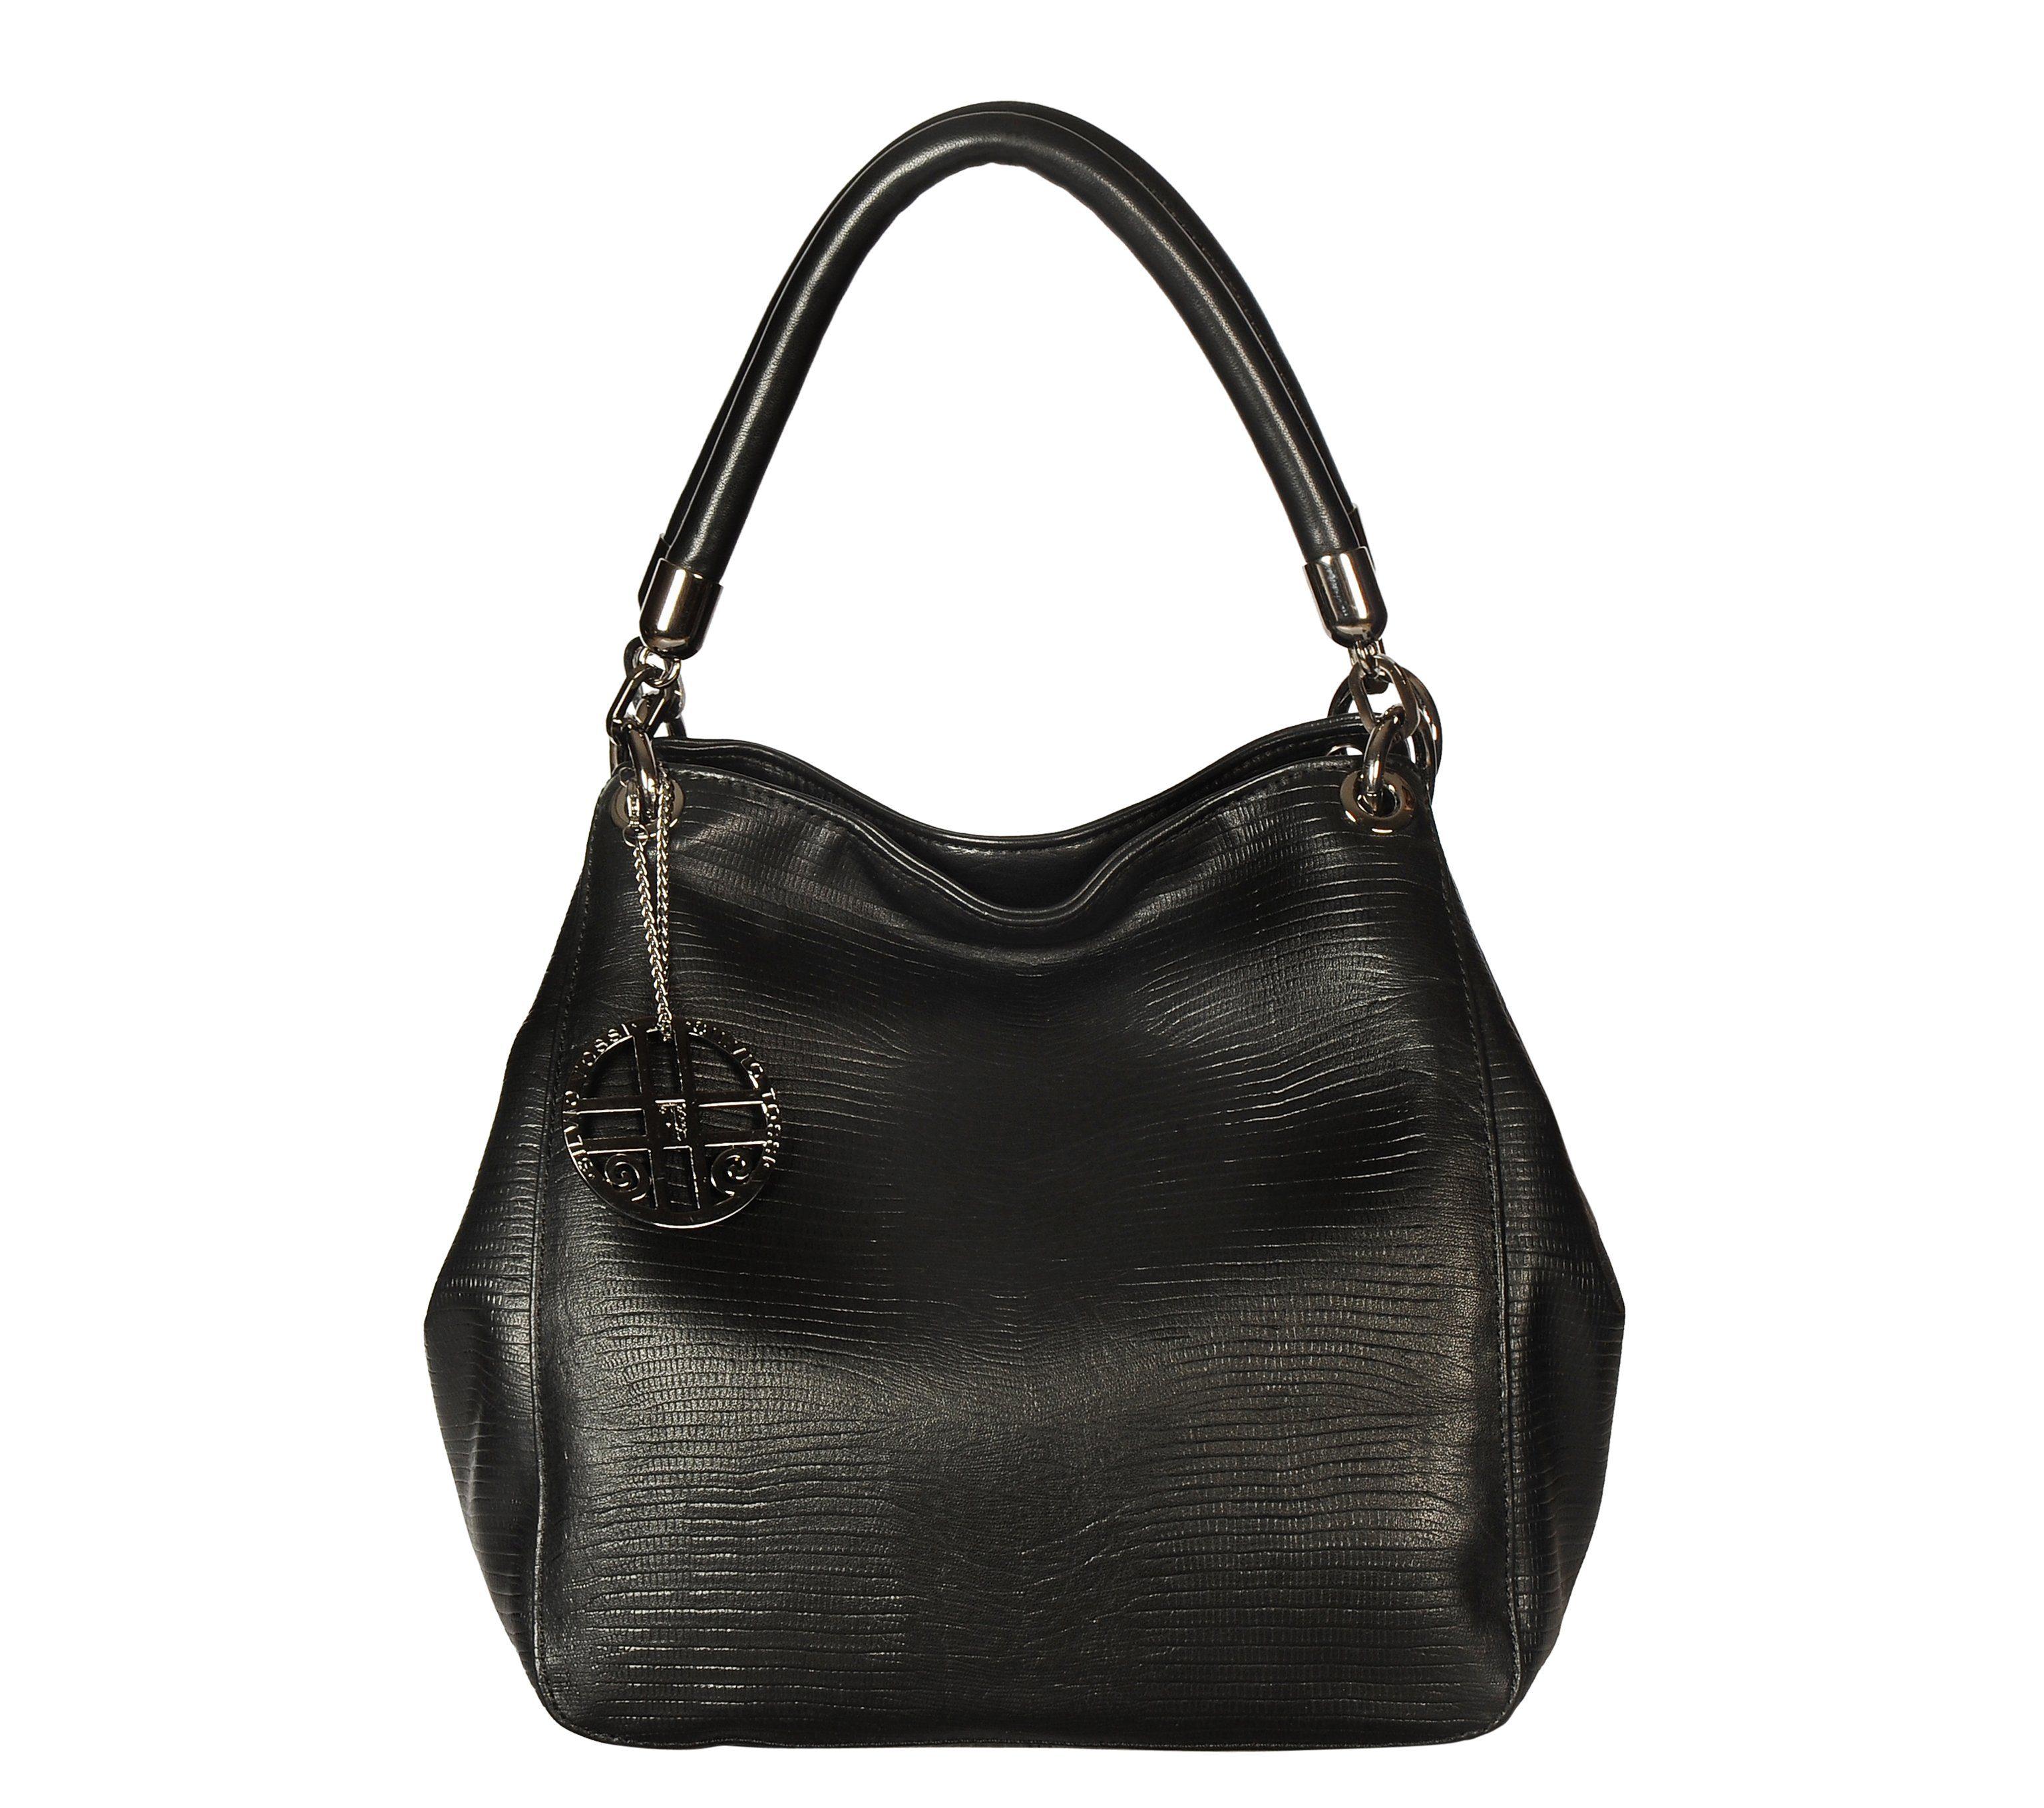 Silvio Tossi Handtasche im Echsen-Design